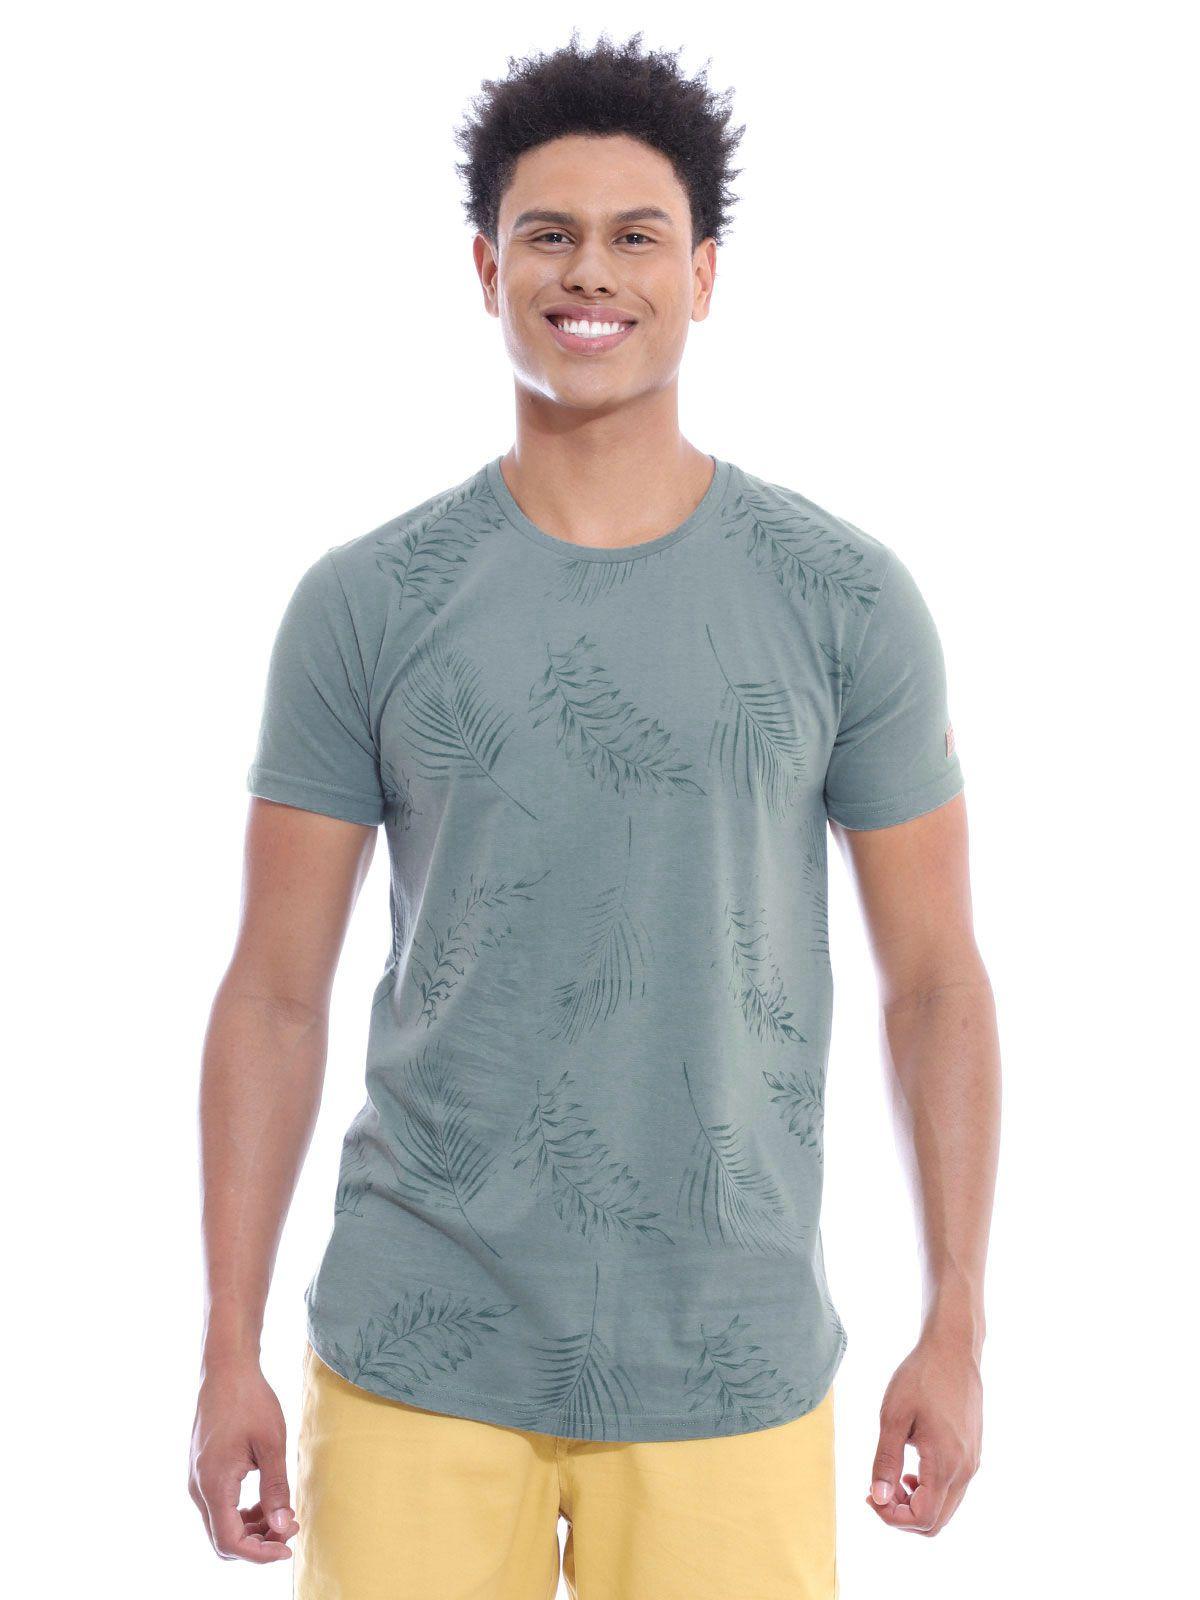 Camiseta Masculina Longline Swag Algodão Estampada Concreto